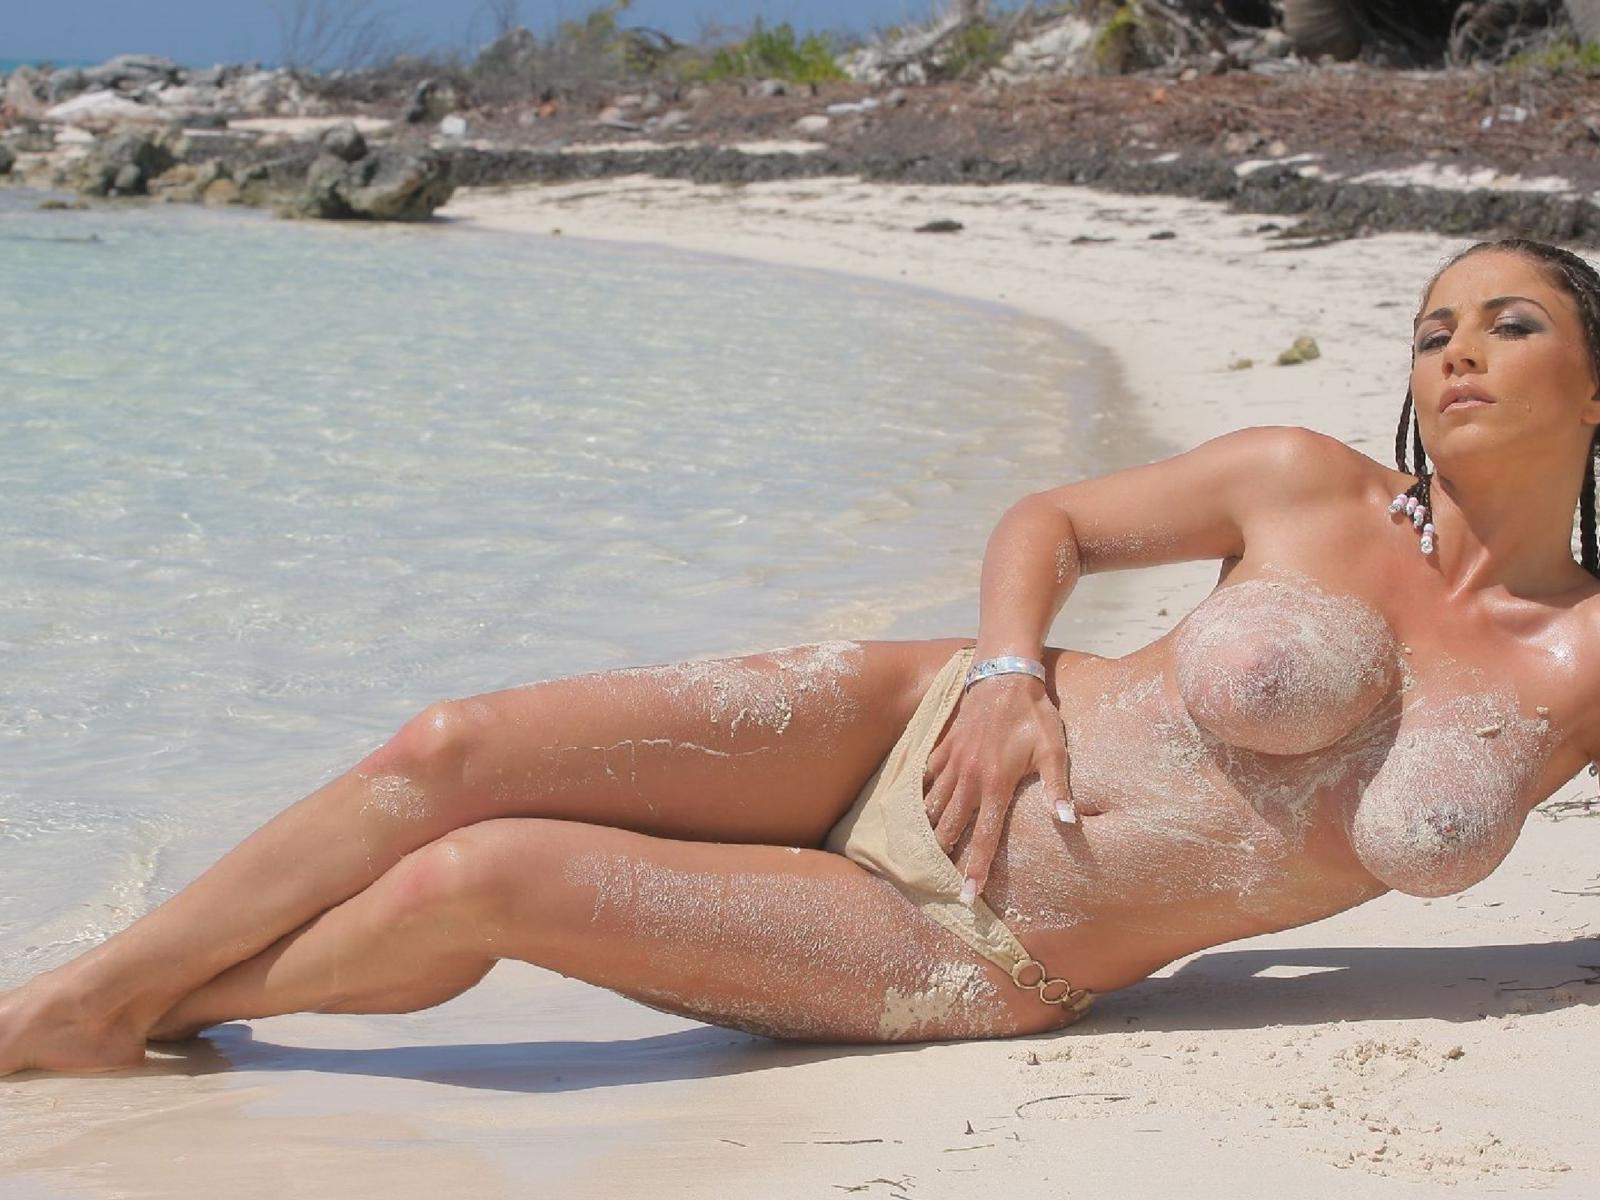 nude jolene blalock beach